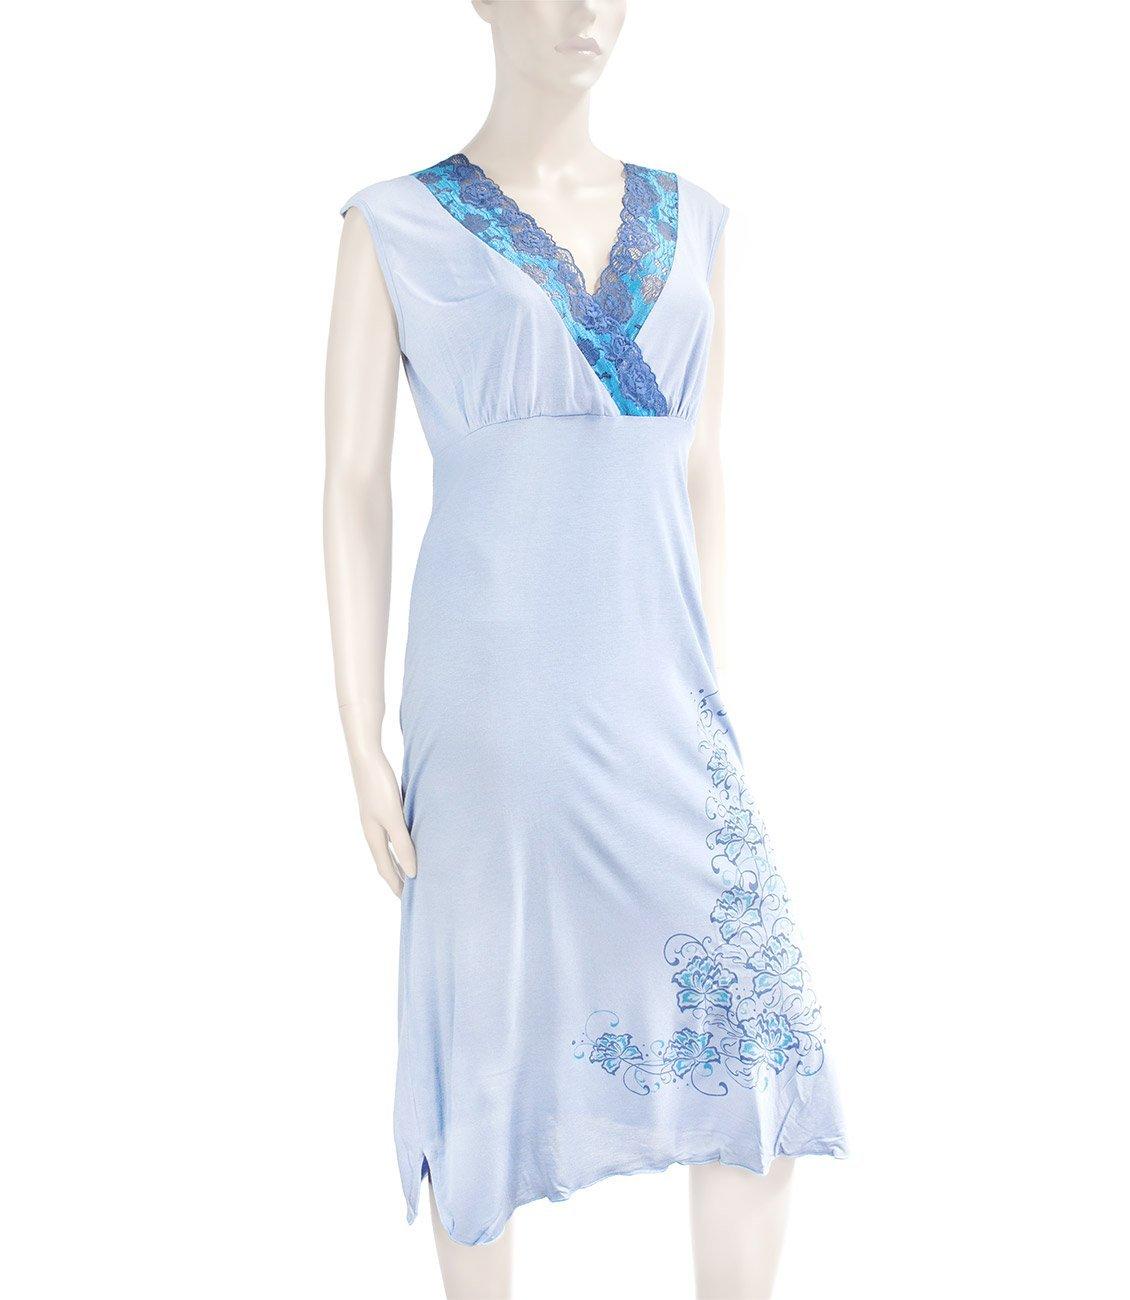 461HW Цветок - сорочка длинная Купалинка